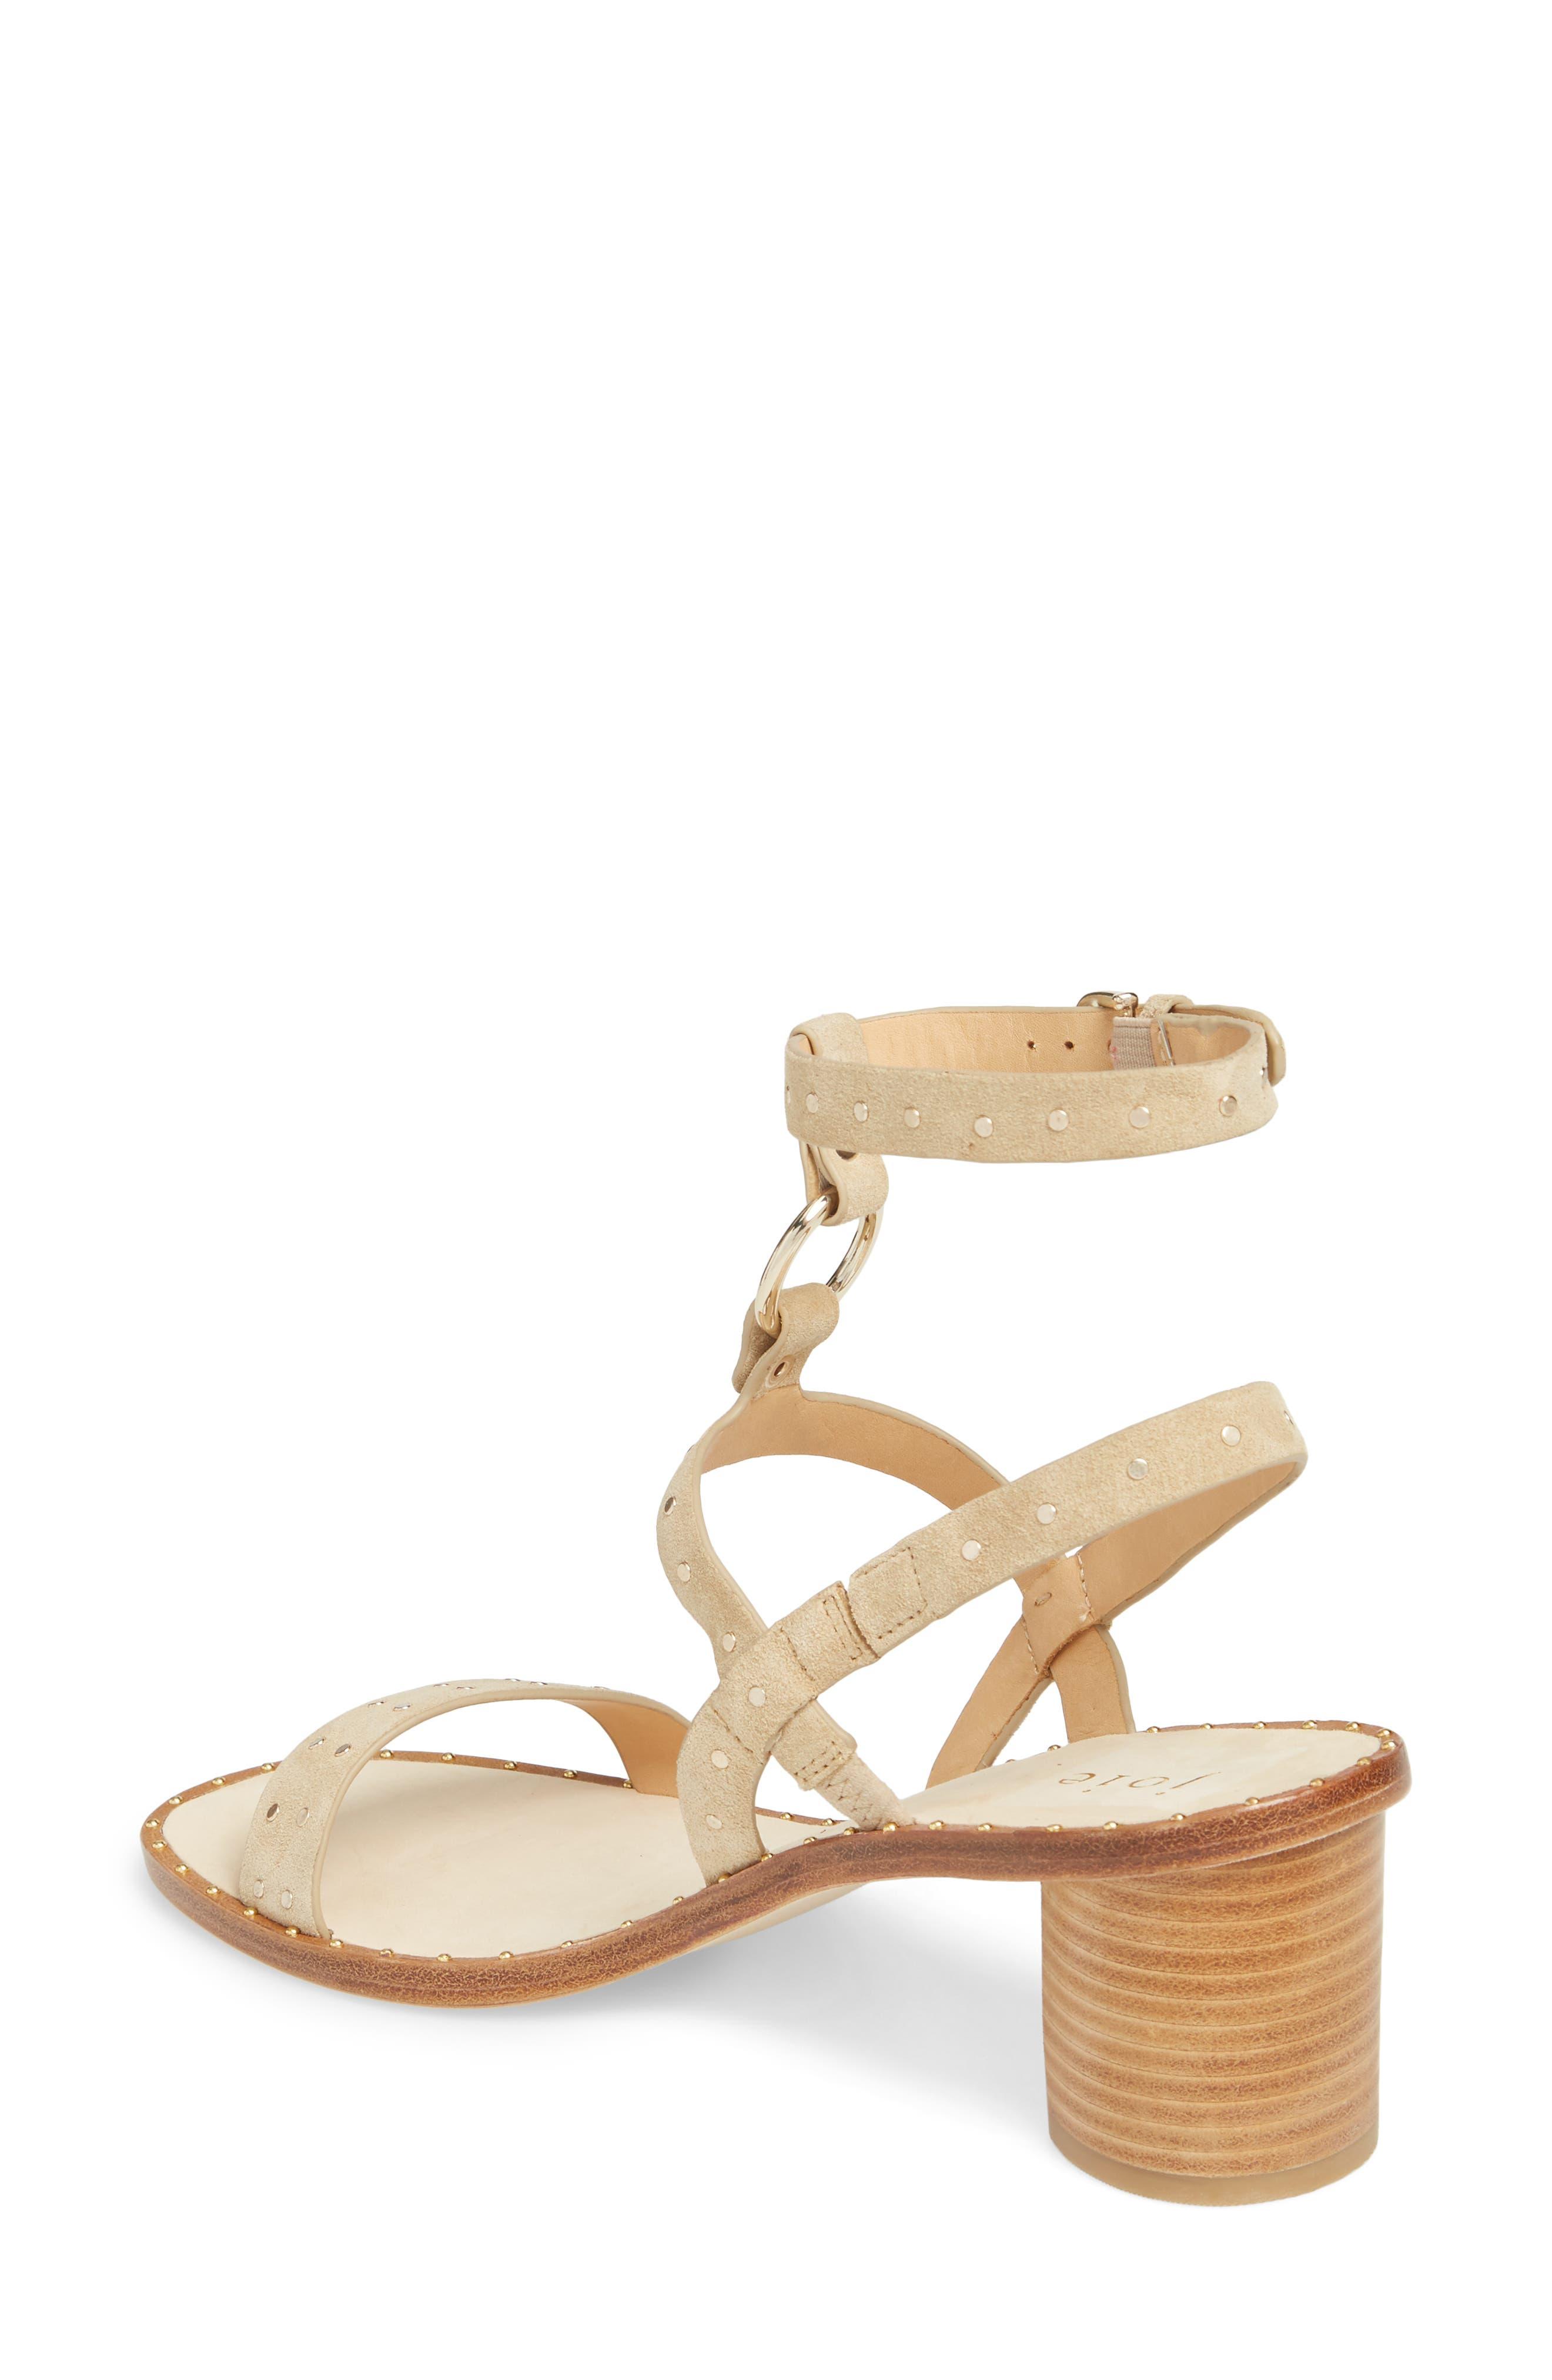 Medalca Studded Ankle Strap Sandal,                             Alternate thumbnail 2, color,                             Sand